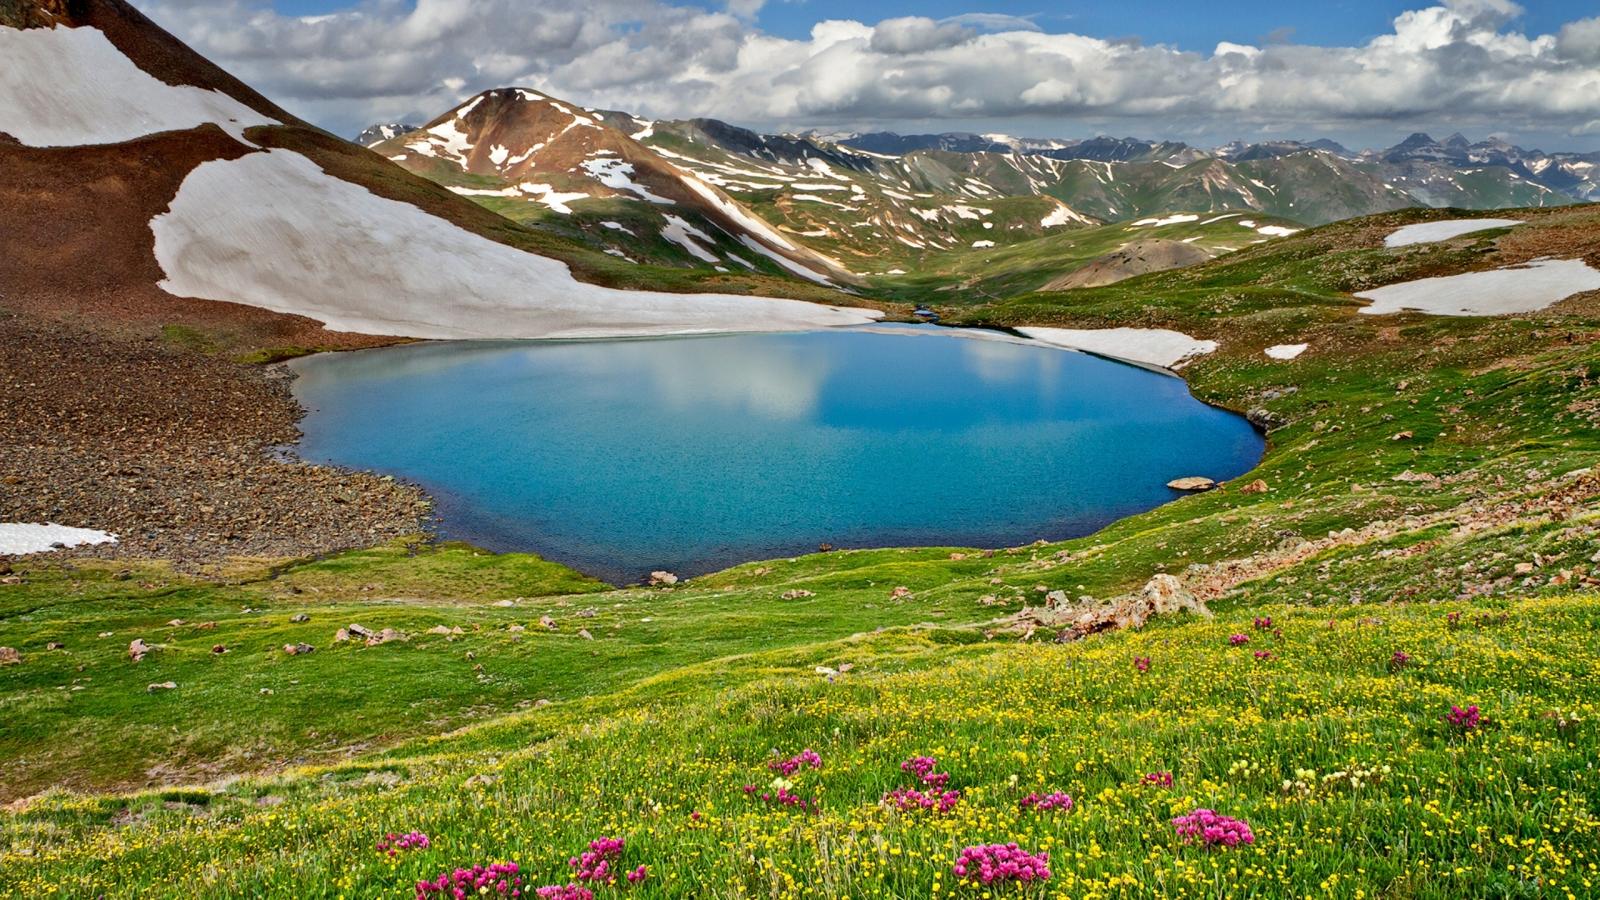 Fotografias increibles de paisajes - 1600x900